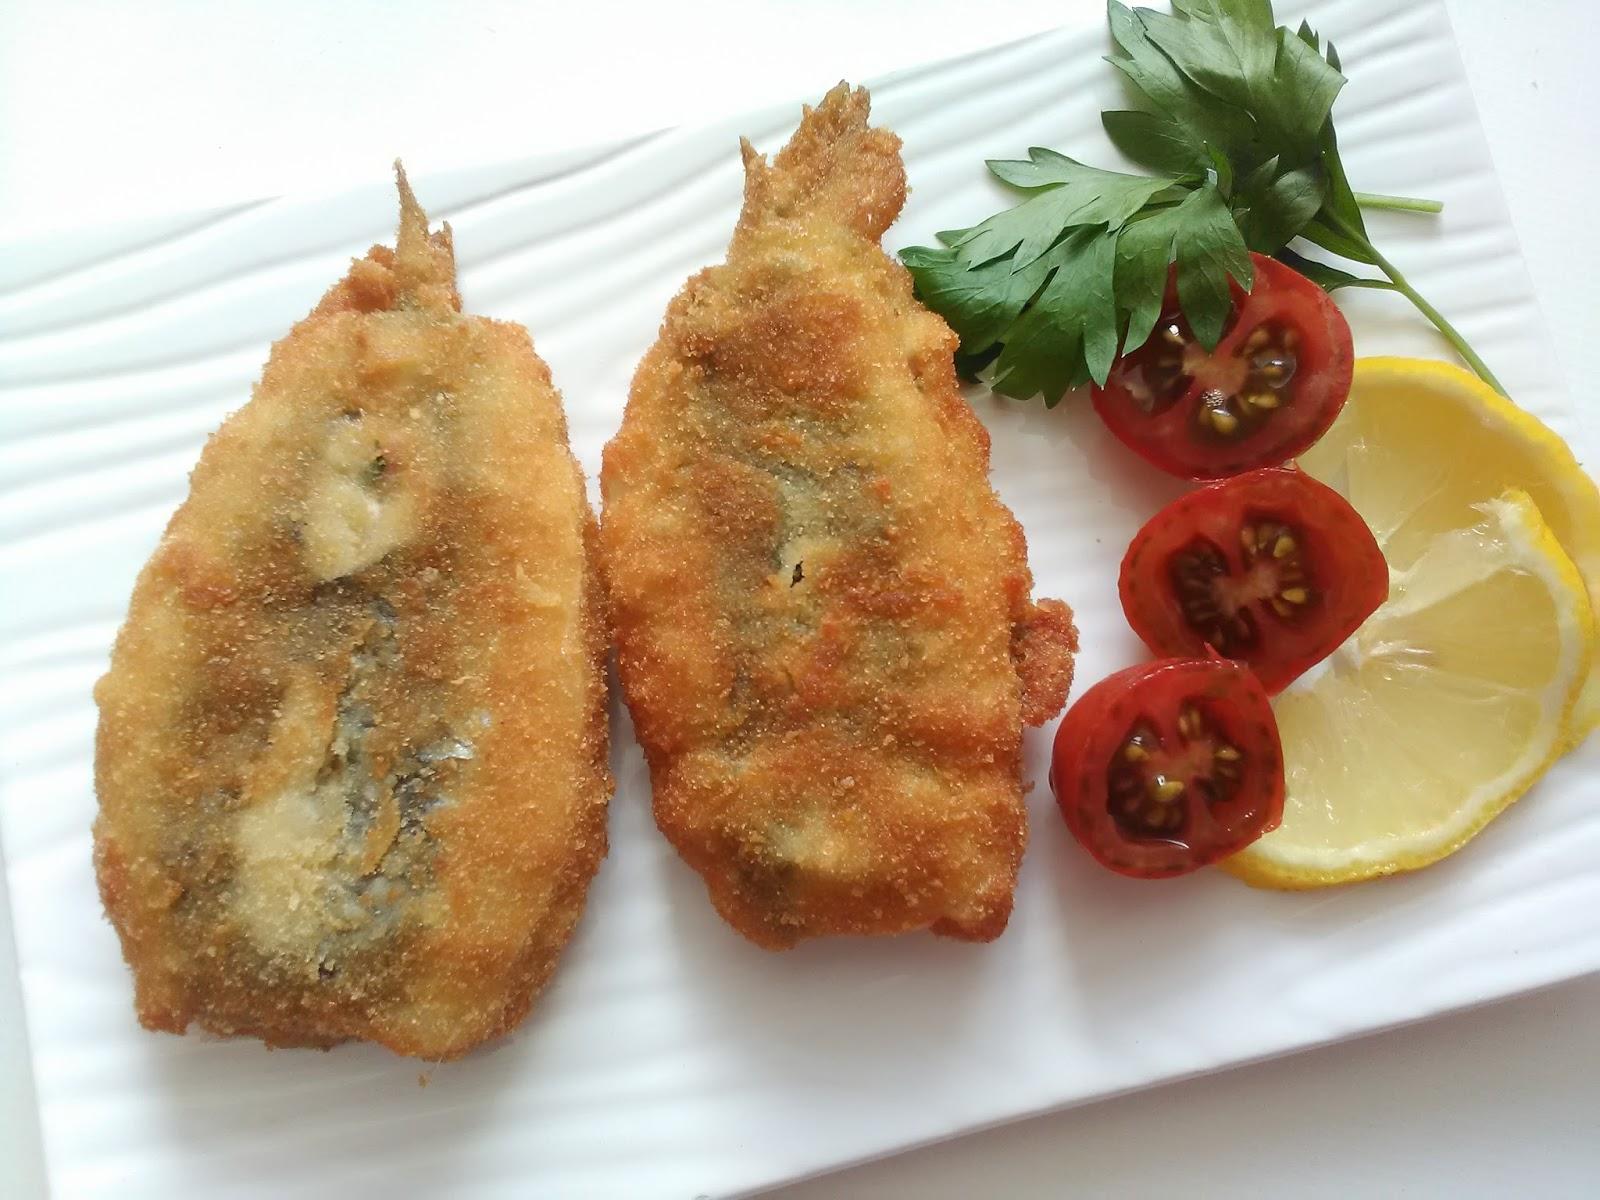 Cocinar sin miedo sardinas rellenas con picadillo - Como cocinar sardinas ...